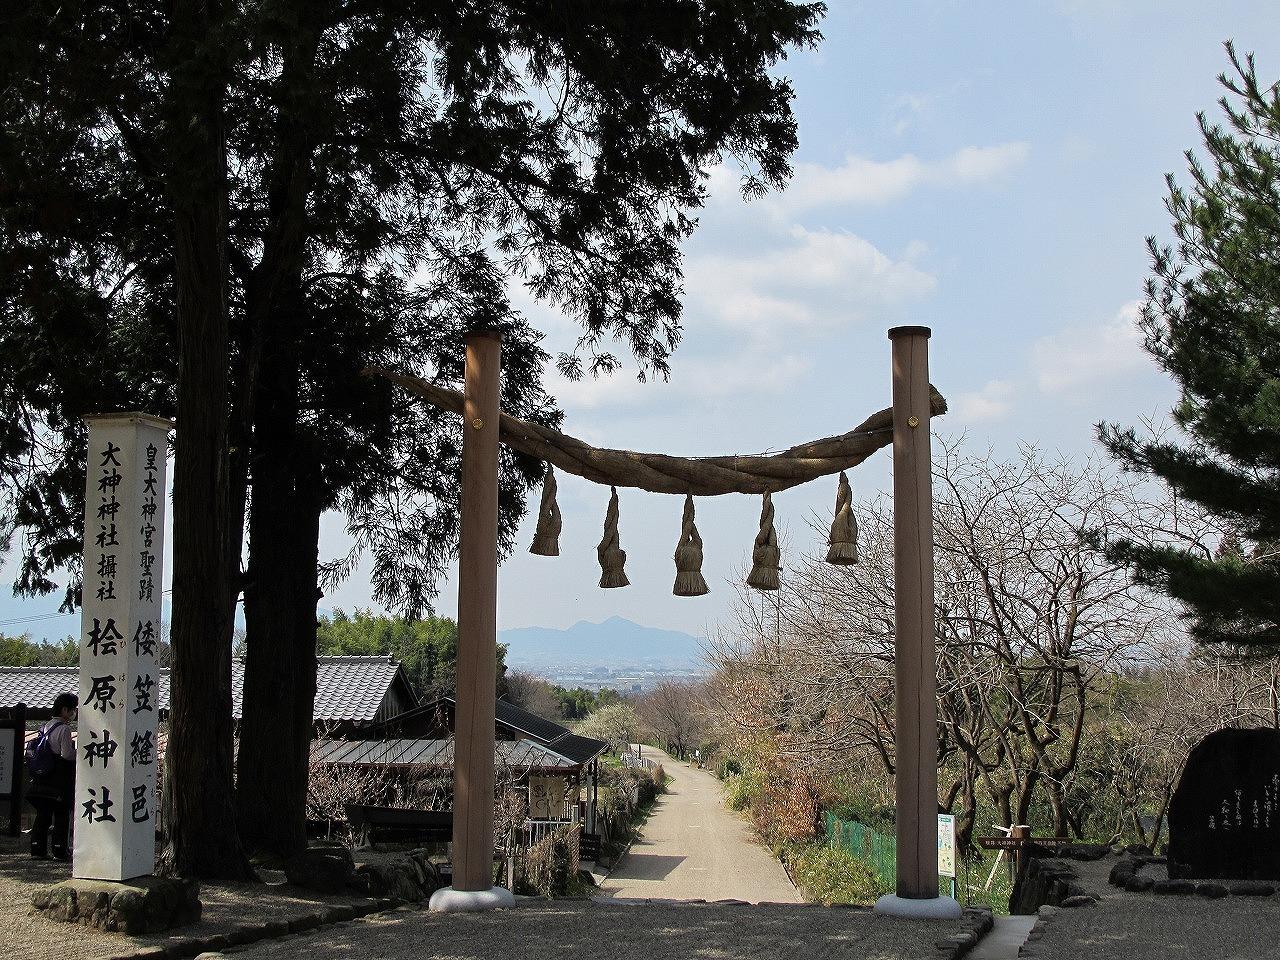 檜原神社桧原神社ひばらじんじゃの注連柱から見える二上山